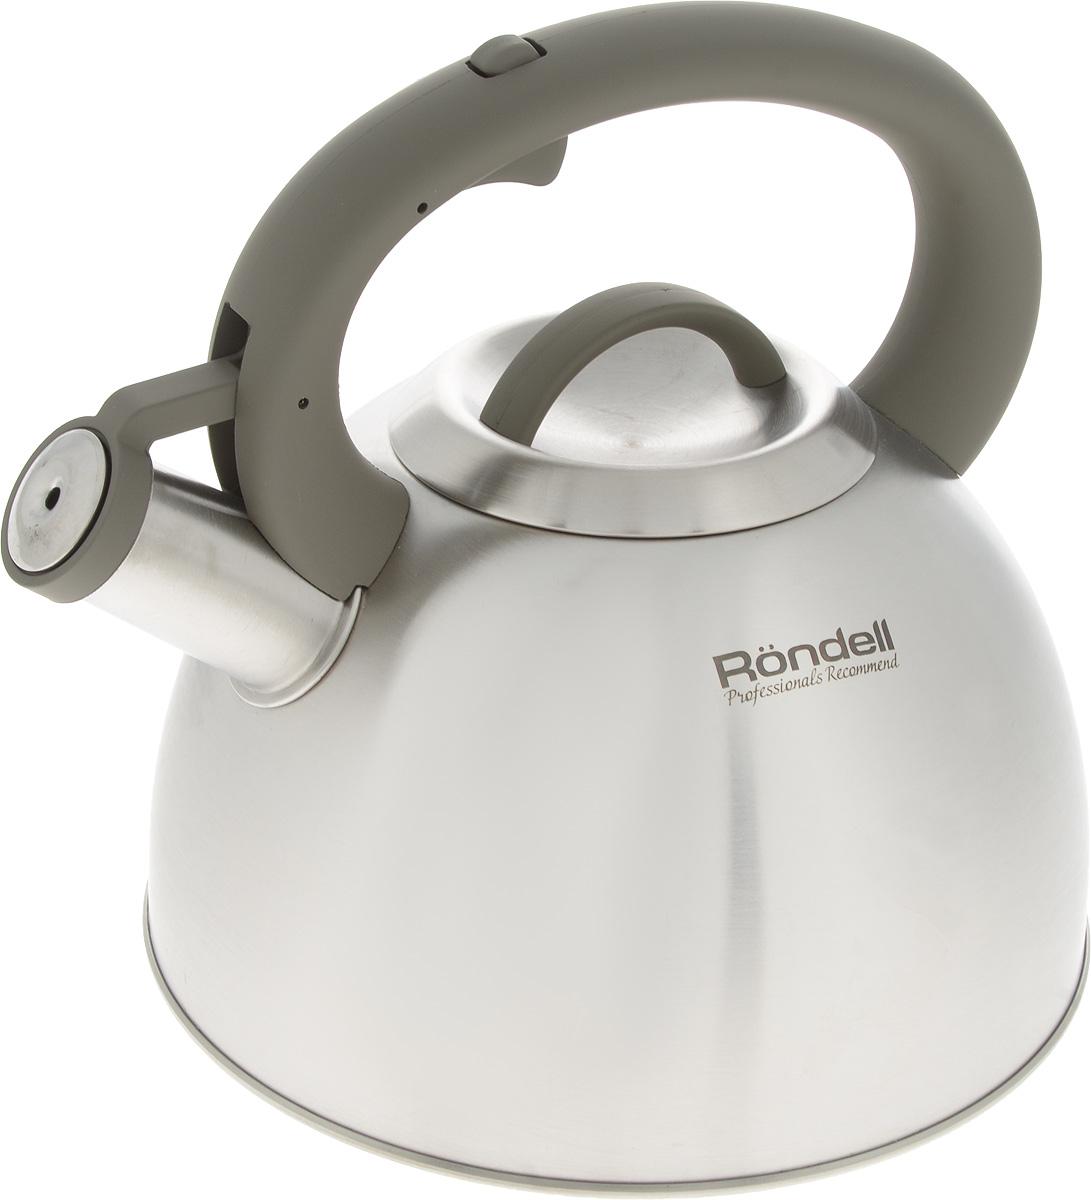 """Чайник Rondell """"Balance"""" изготовлен из высококачественной нержавеющей стали 18/10 с матовой полировкой. Нержавеющая сталь обладает высокой устойчивостью к коррозии, не вступает в реакцию с холодными и горячими продуктами и полностью сохраняет их вкусовые качества.Чайник оснащен фиксированной ручкой из бакелита с покрытием Soft-Touch. Носик чайника имеет откидной свисток, звуковой сигнал которого подскажет, когда закипит вода.Благодаря чайнику Rondell """"Balance"""", вы будете постоянно ощущать тепло и уют на вашей кухне.Подходит для всех типов плит, включая индукционные. Можно мыть в посудомоечной машине. Диаметр (по верхнему краю): 10 см. Высота (без учета ручки и крышки): 13 см. Высота (с учетом ручки): 23 см"""